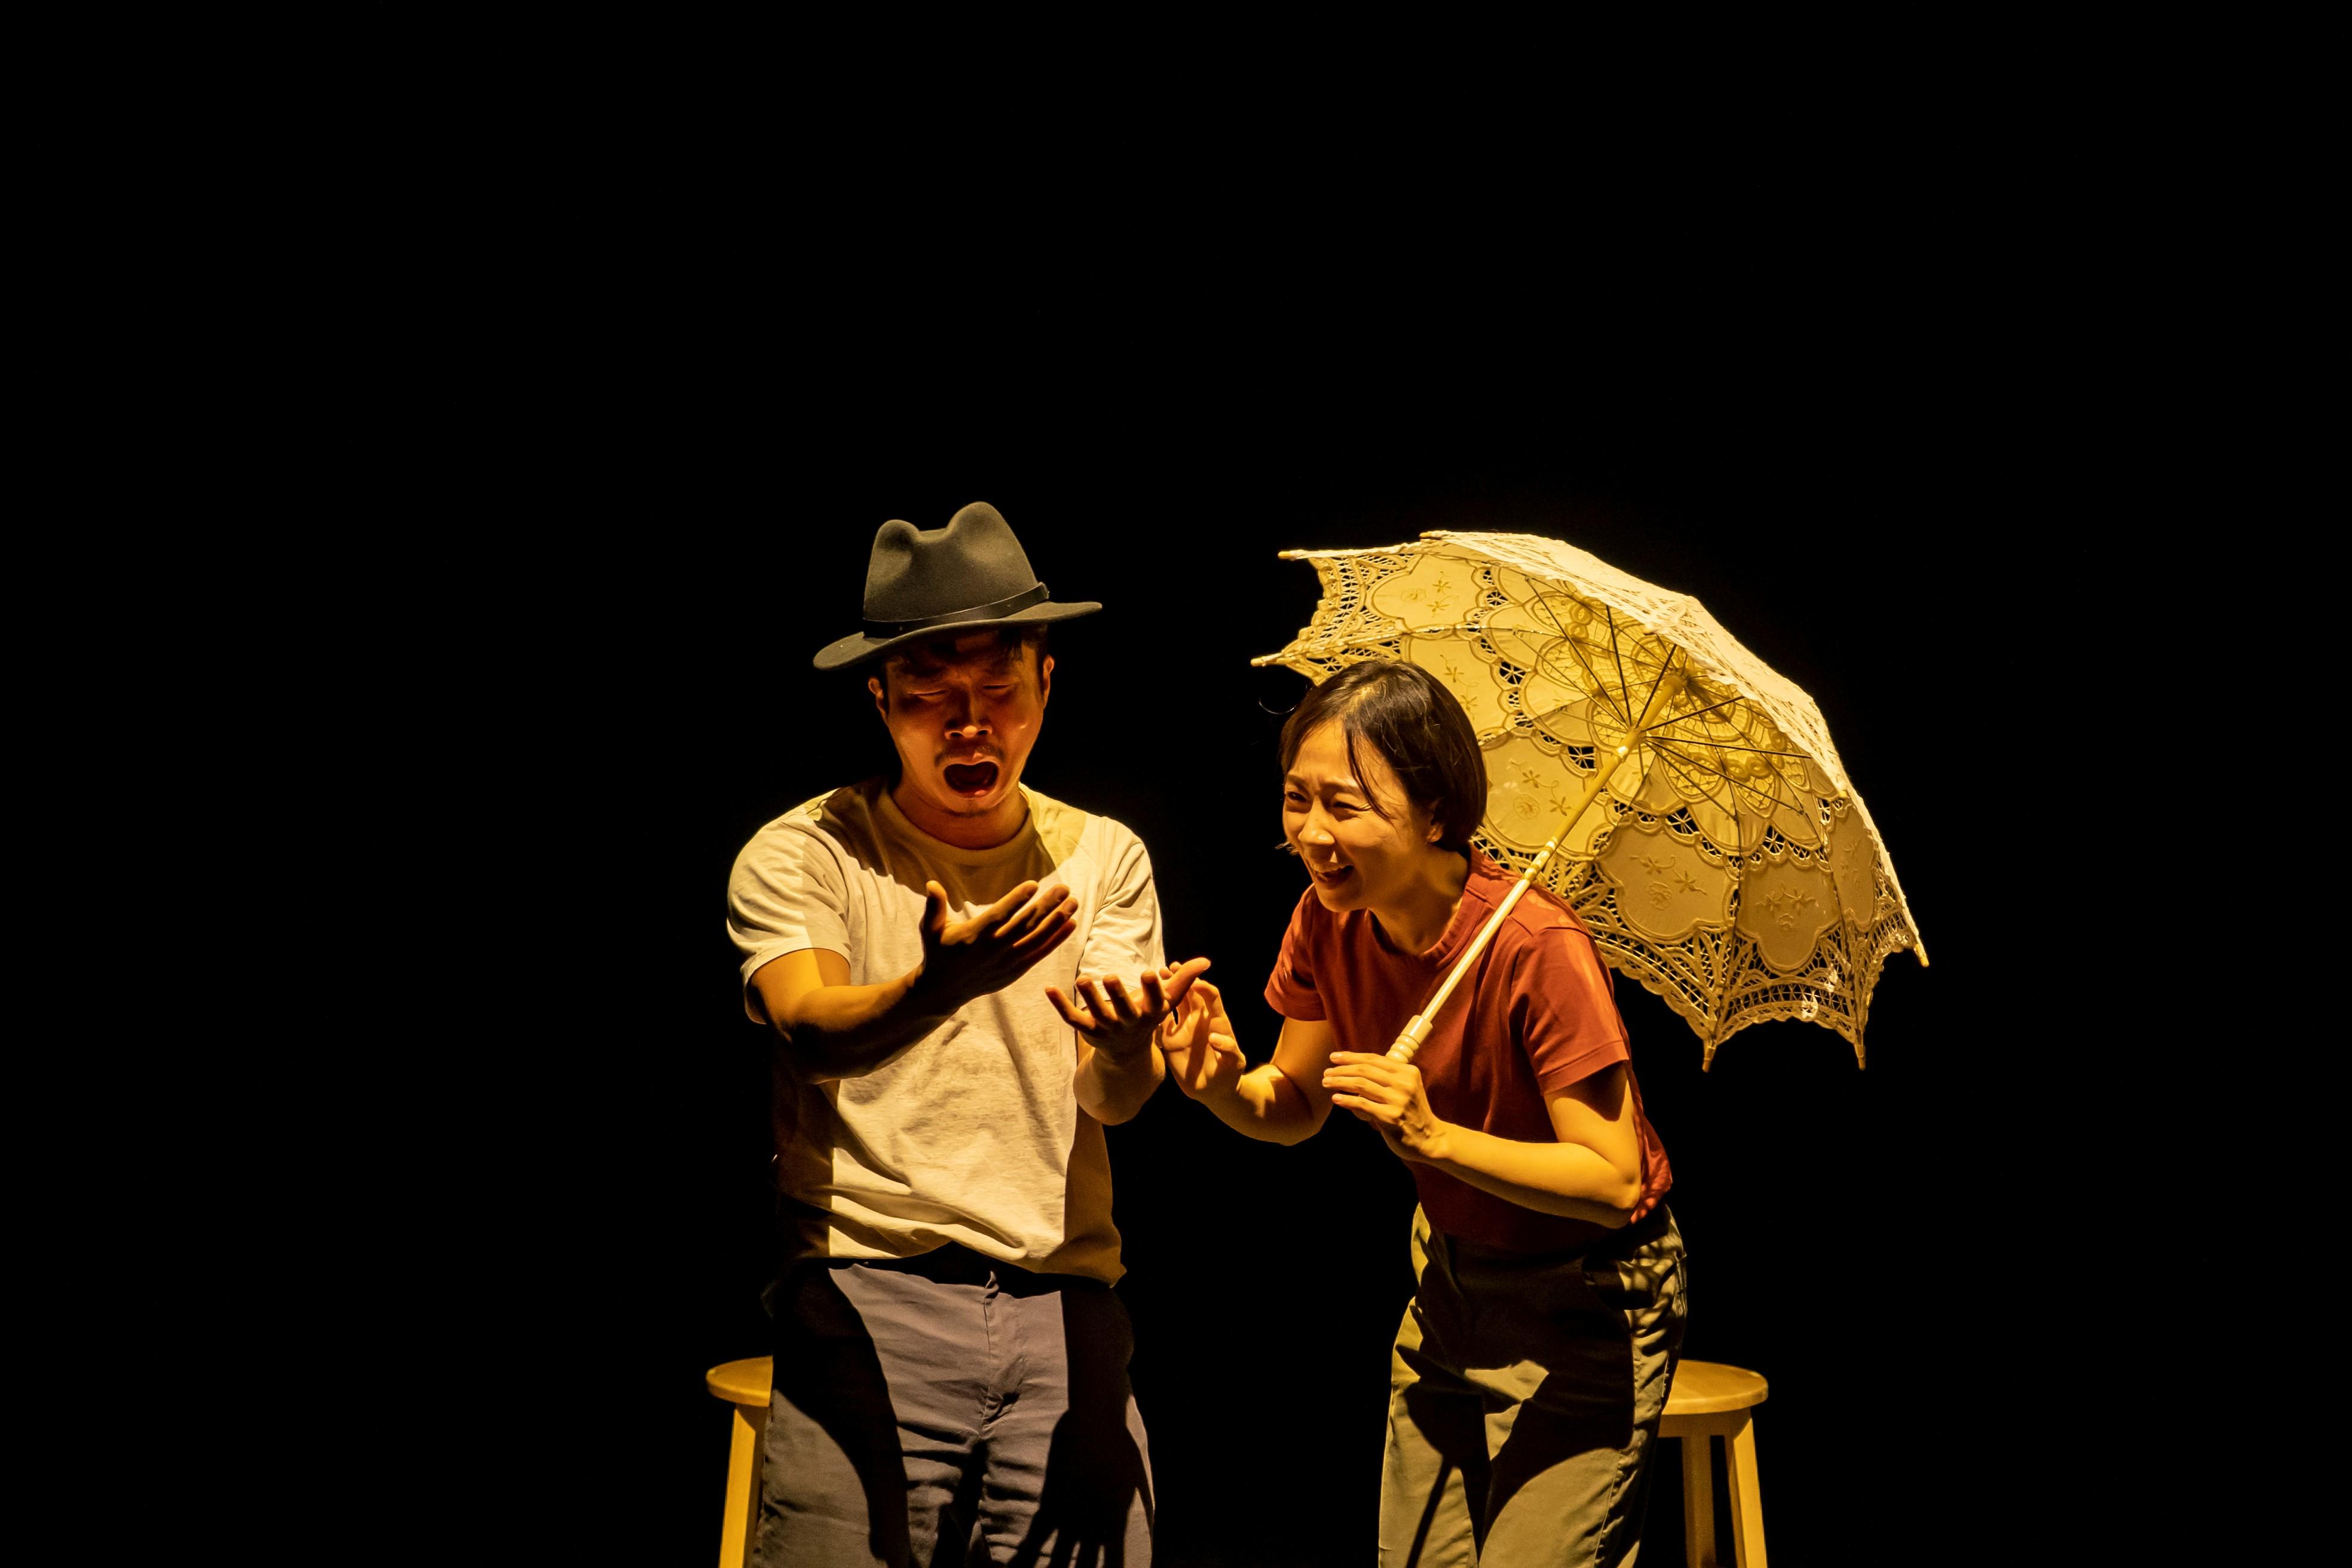 연극 '가족같이' 10월 15일부터 31일까지 대학로 여행자극장 공연